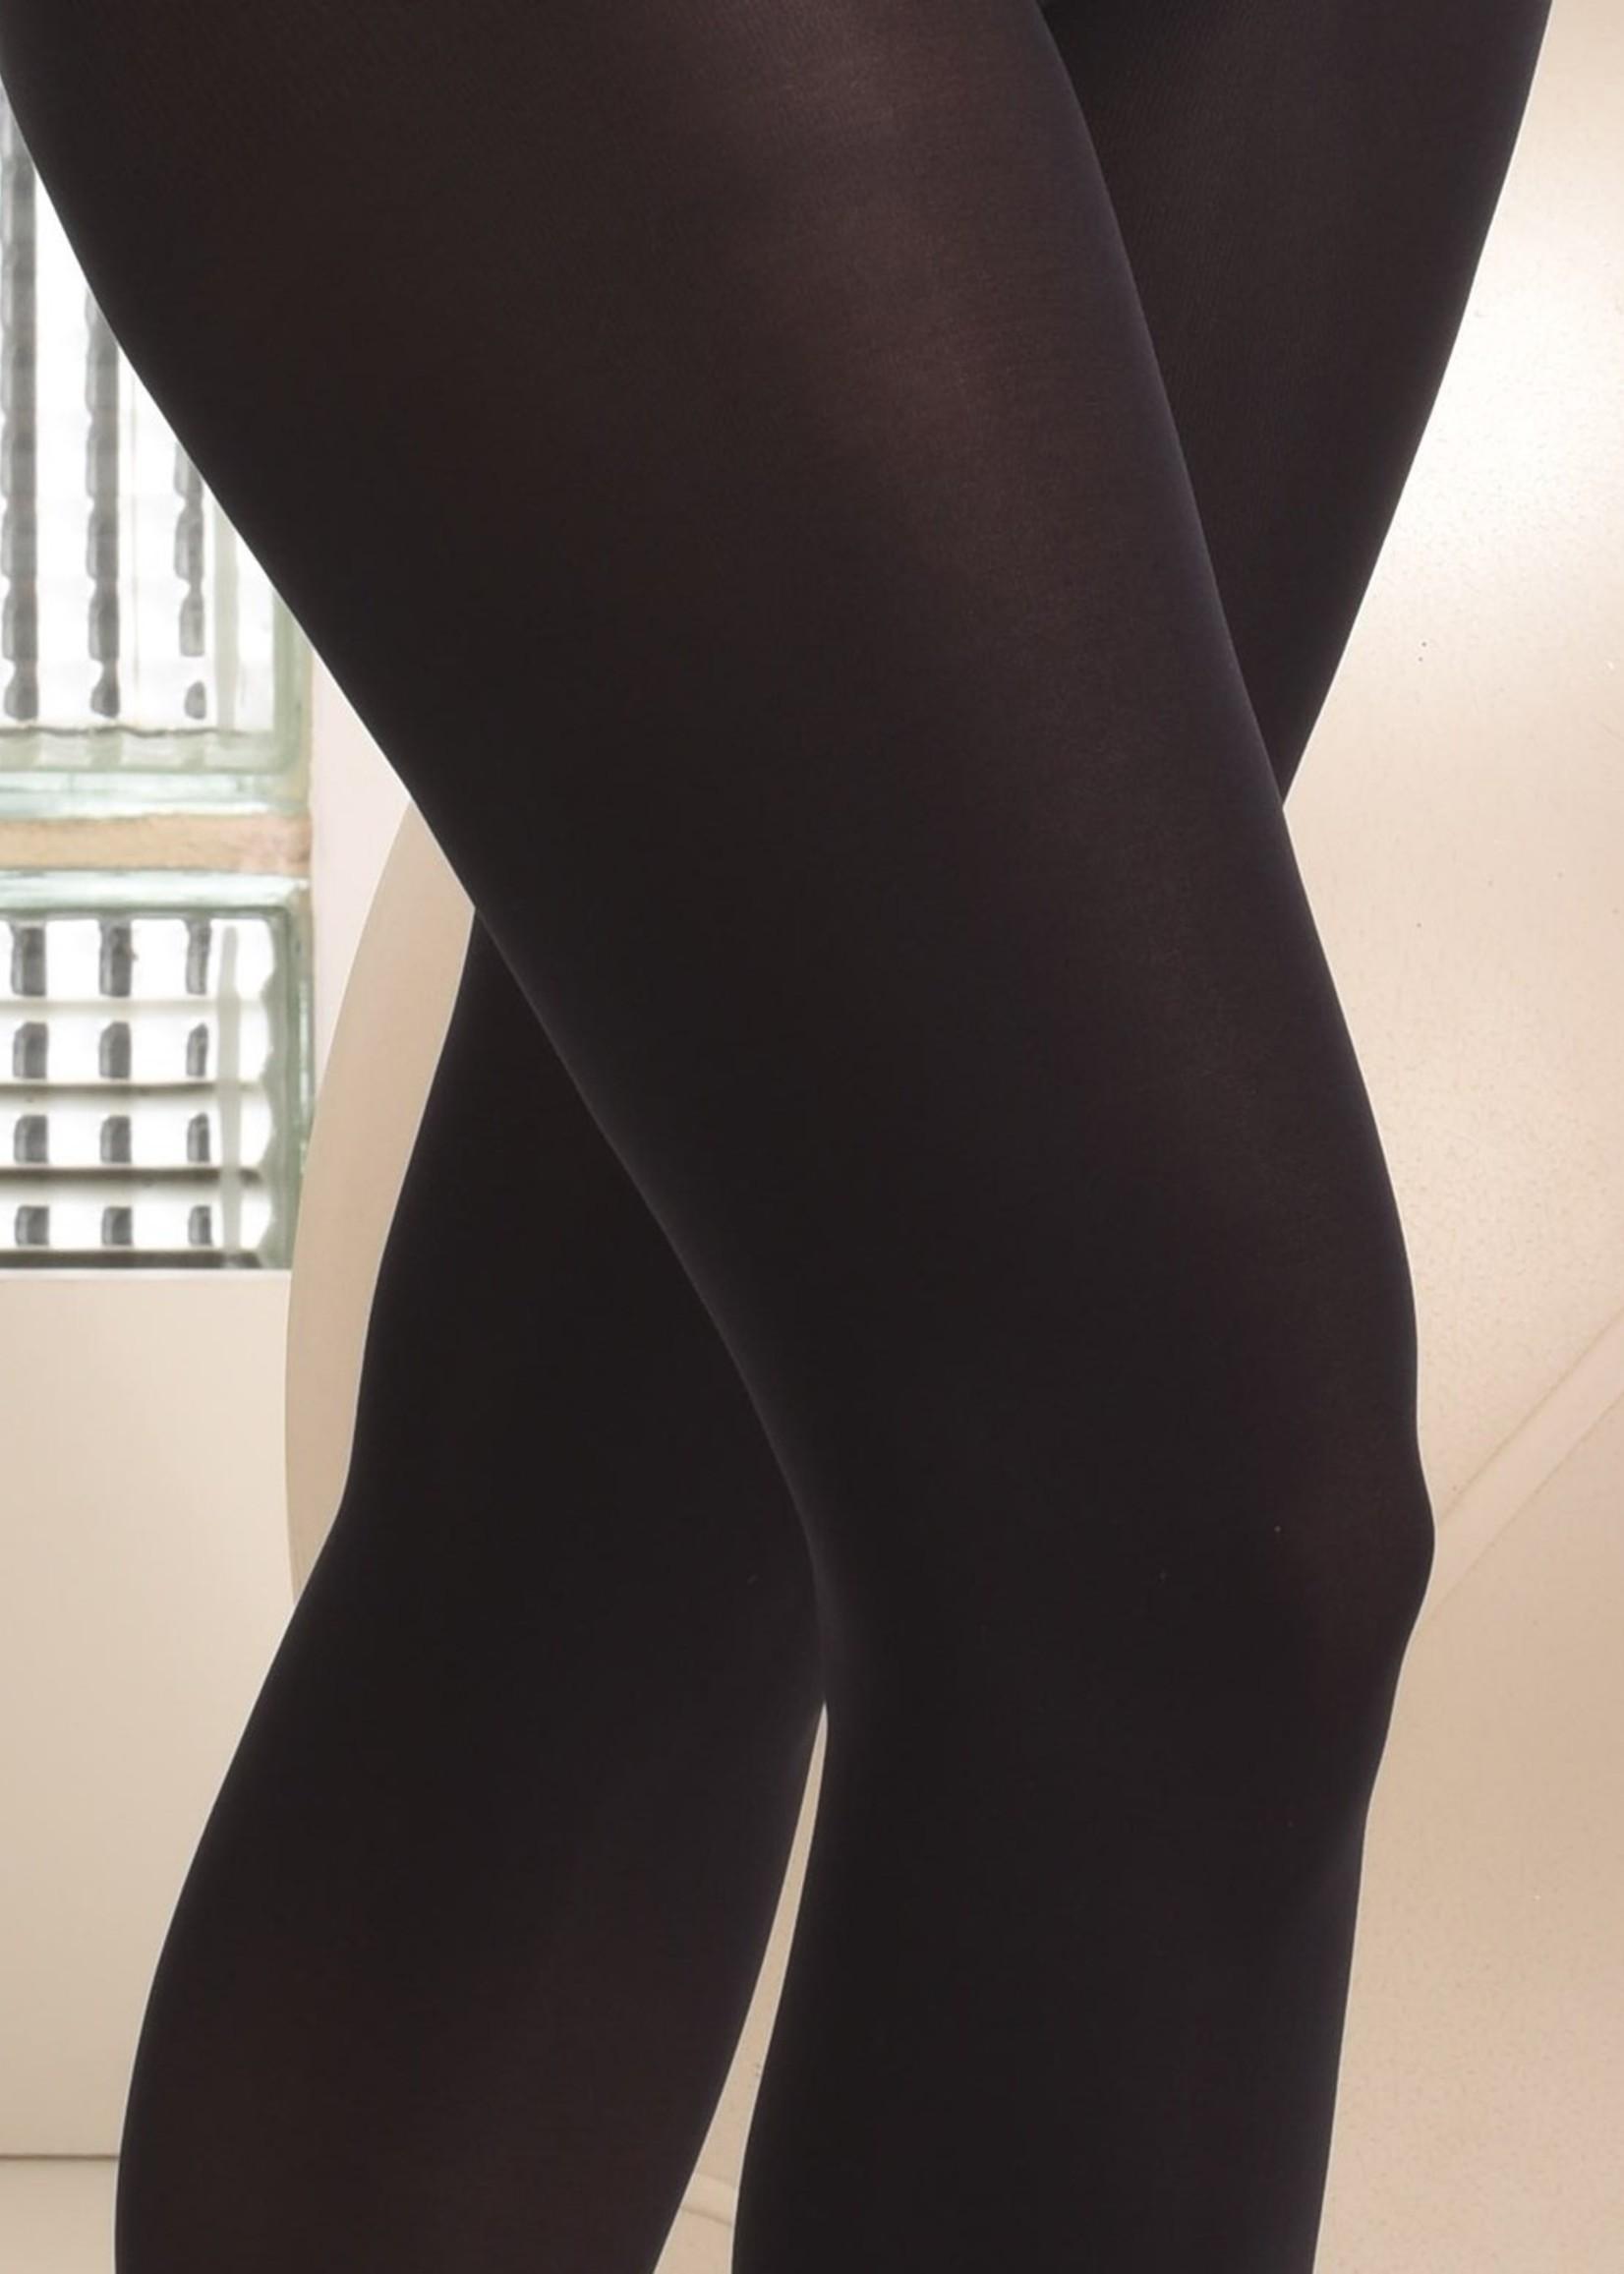 MAMSY Tights 60den Black